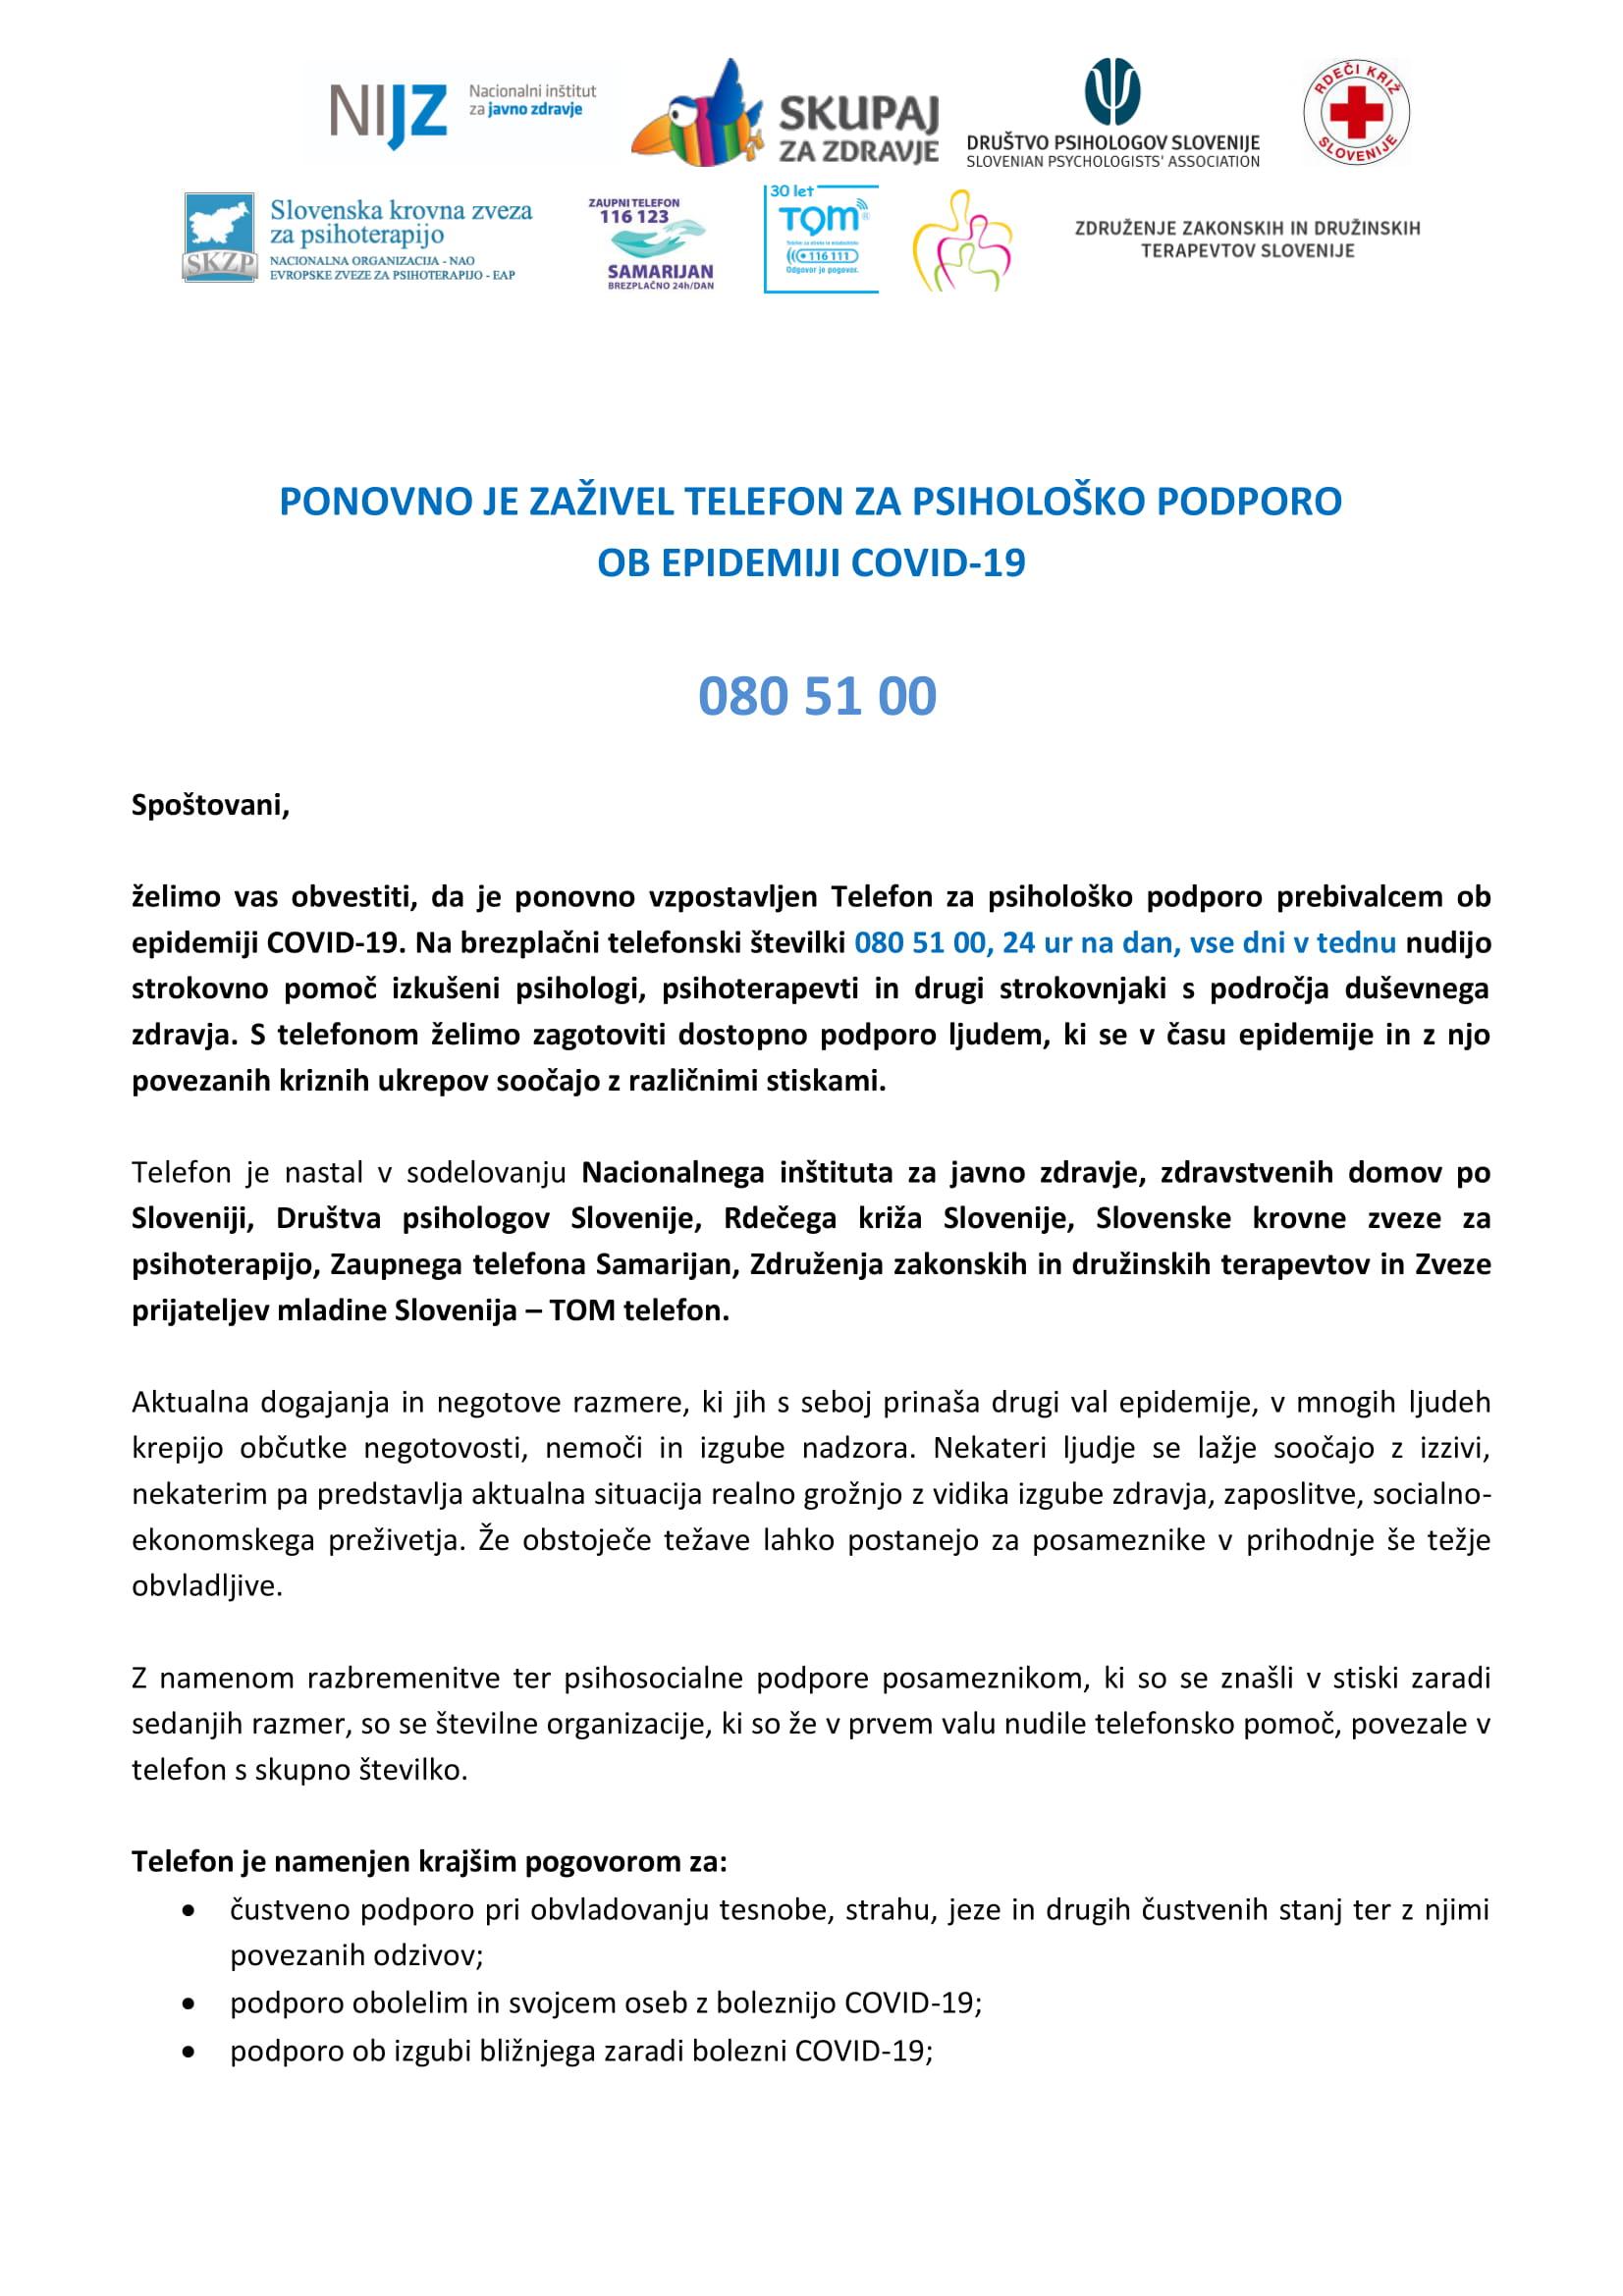 promocija 0805100-1